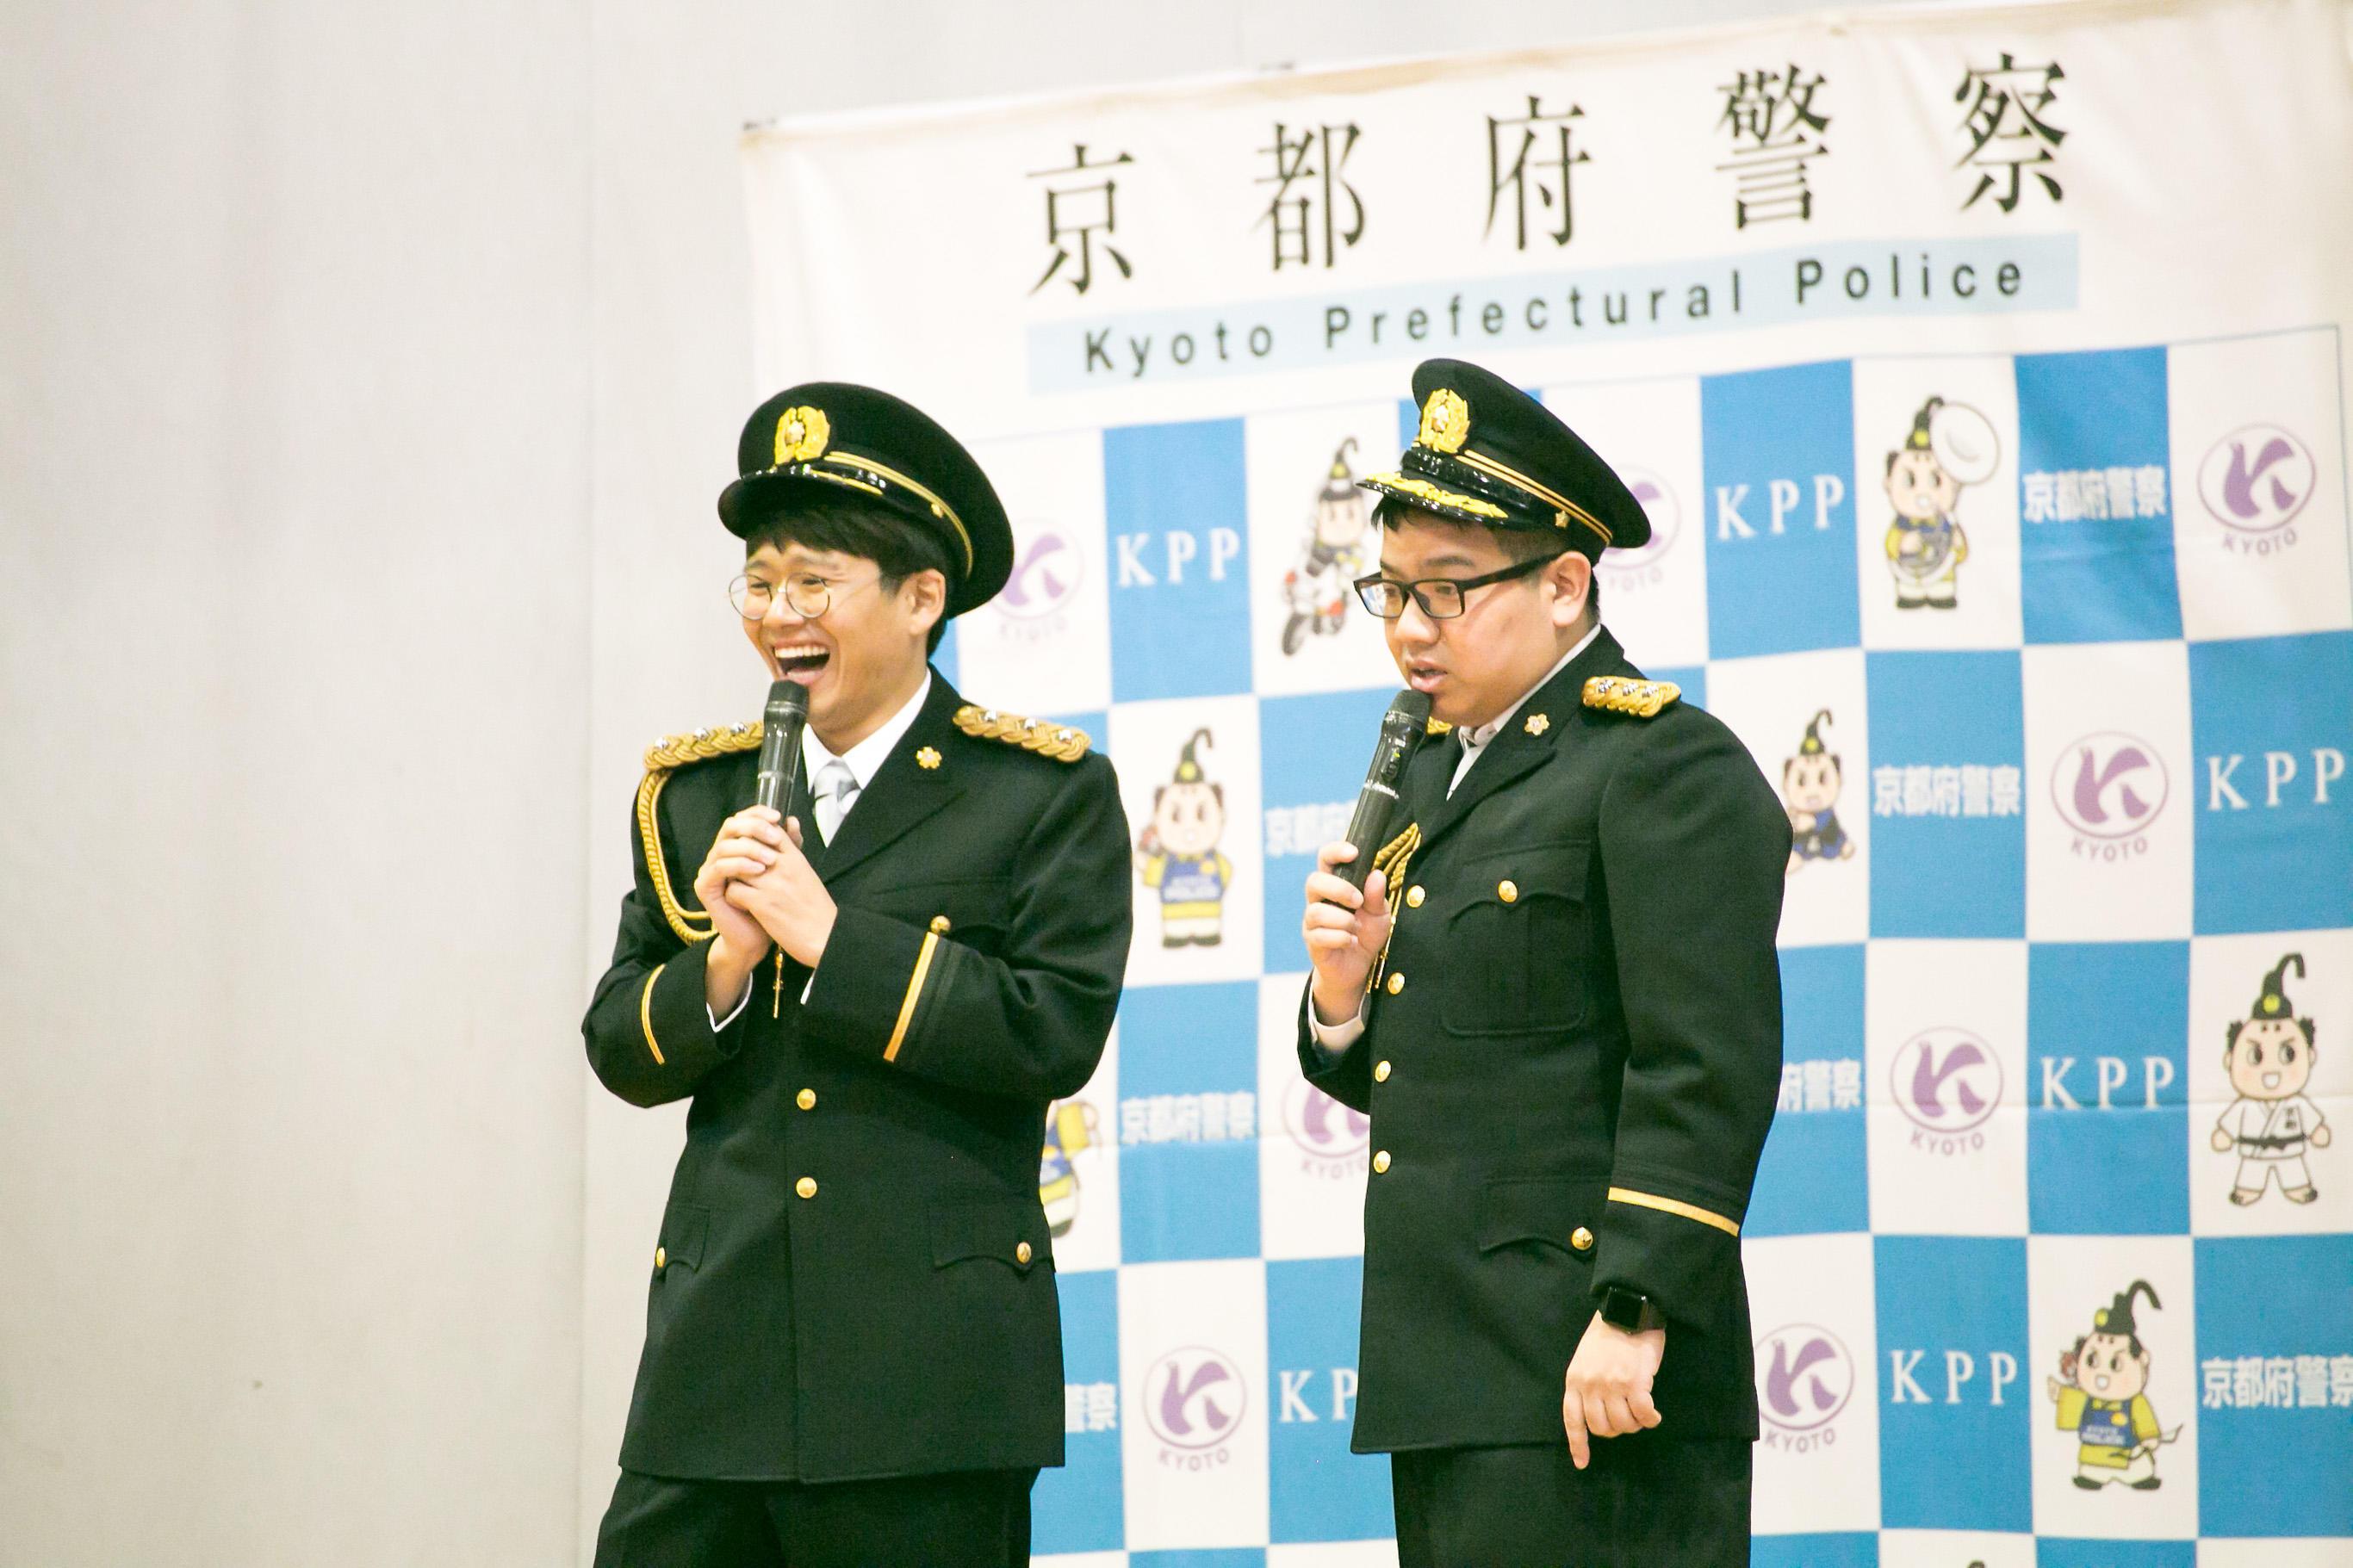 http://news.yoshimoto.co.jp/20180109155200-042ed467508c49ae6fa17648e8b57e66ef671d2d.jpg